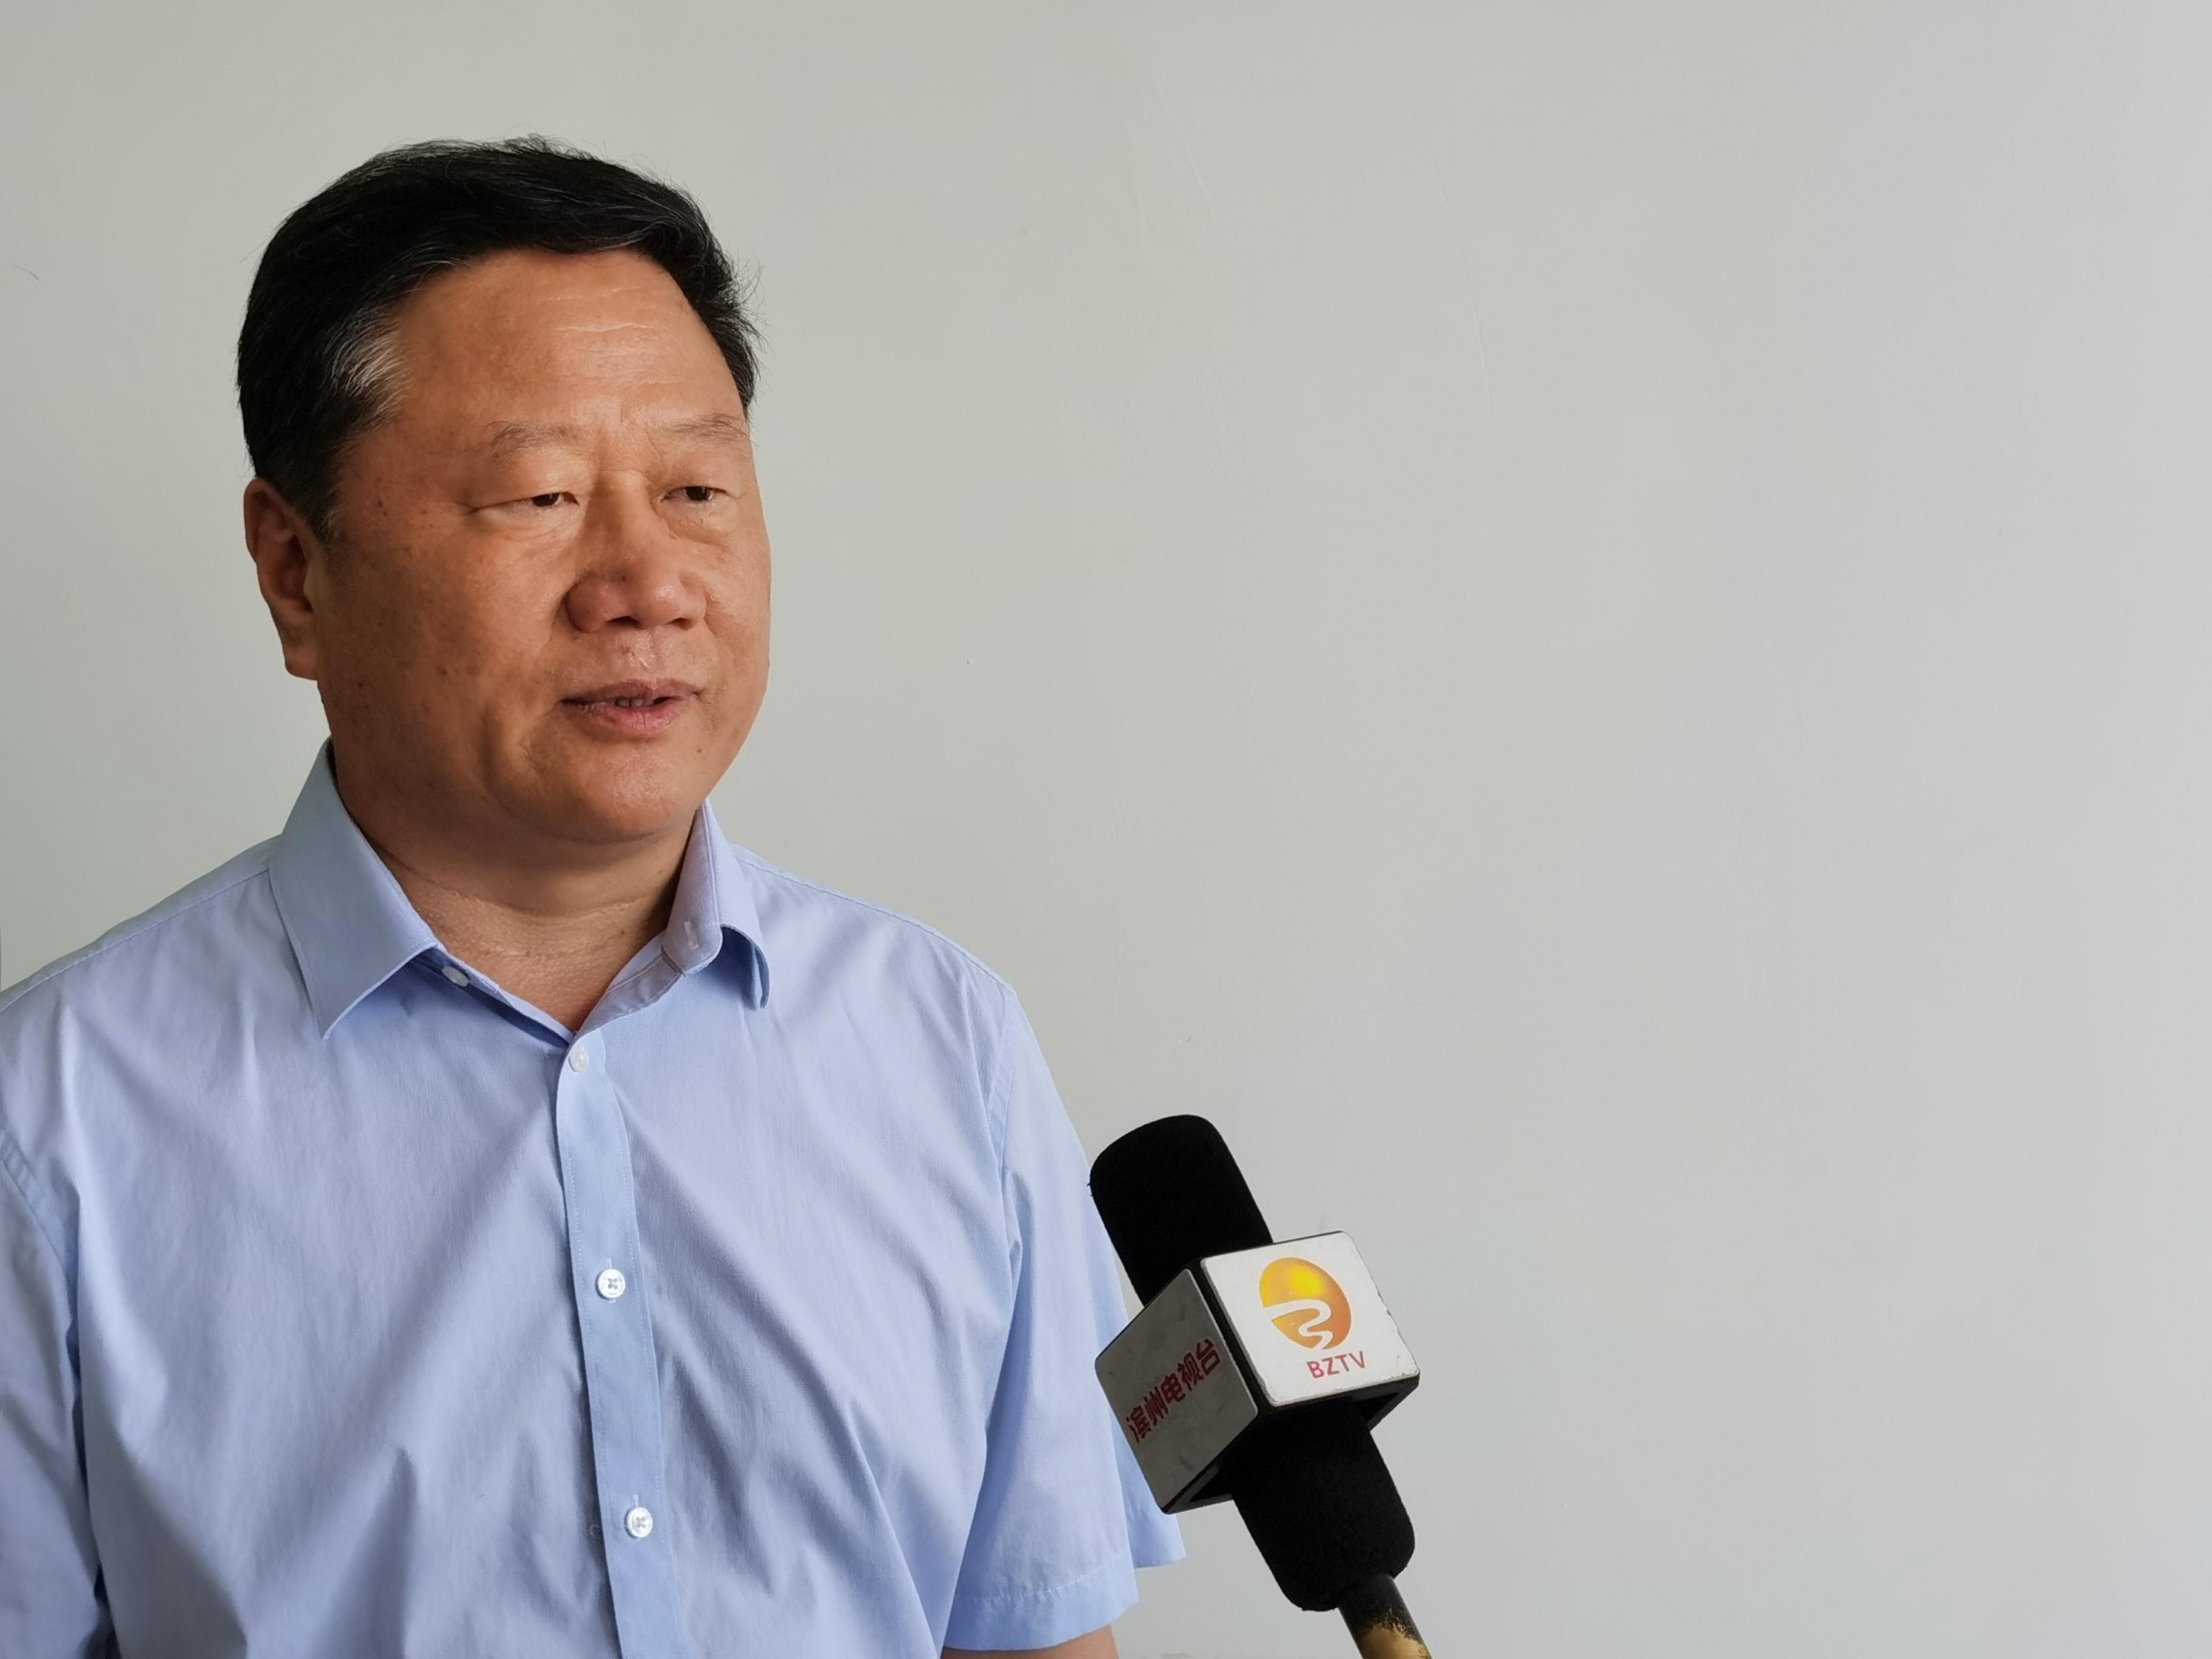 滨州市生态环境局党组书记、局长李海峰:同向发力,全力攻坚,高标准迎接国家卫生城市复审